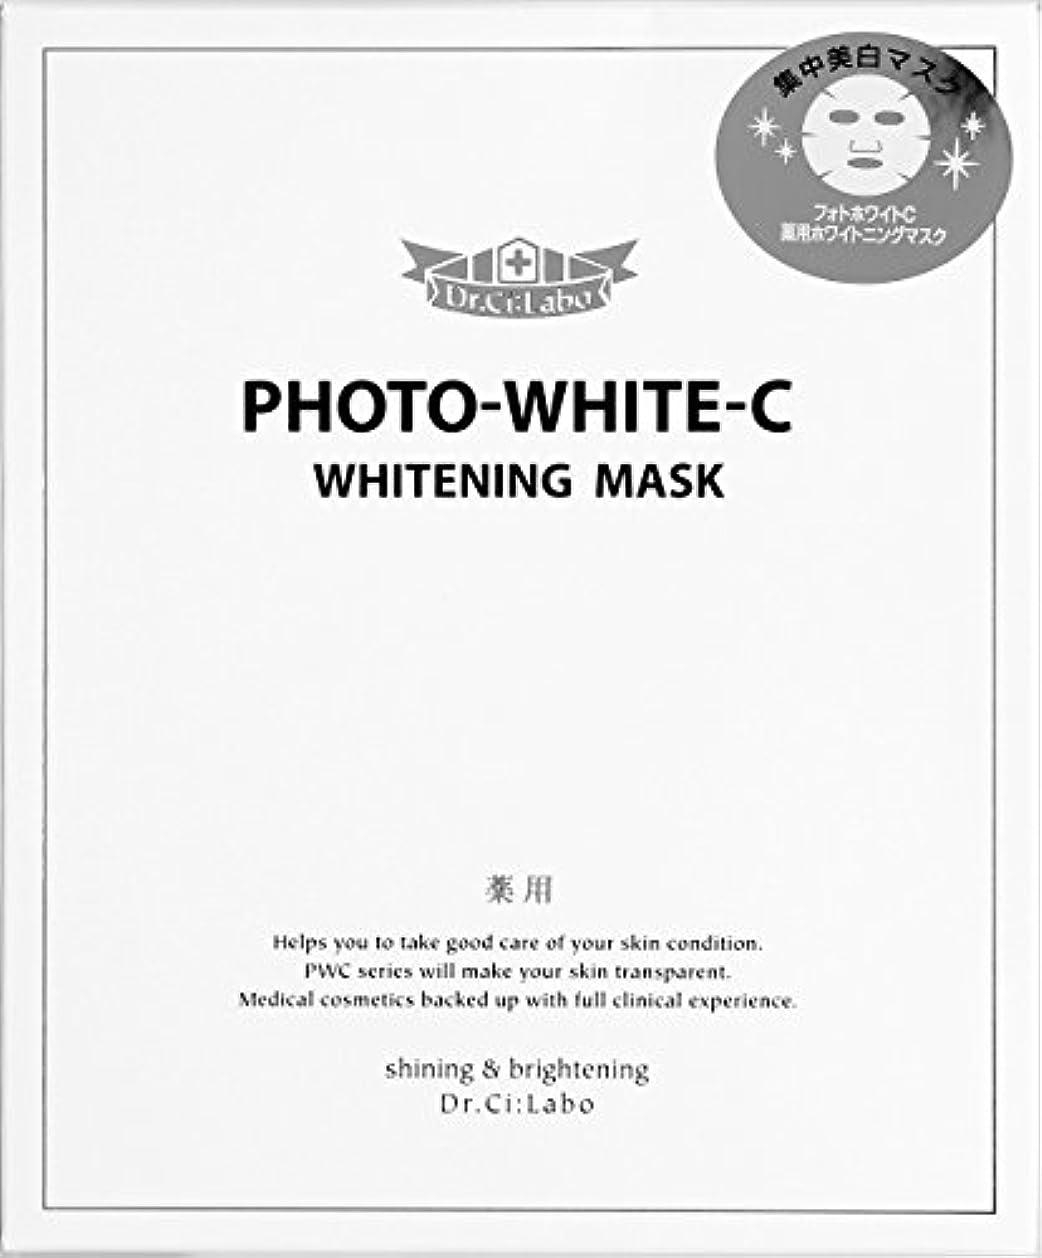 ジョットディボンドン宿る大使ドクターシーラボ フォトホワイトC 薬用ホワイトニングマスク (1箱:5枚入り) フェイスパック [医薬部外品]